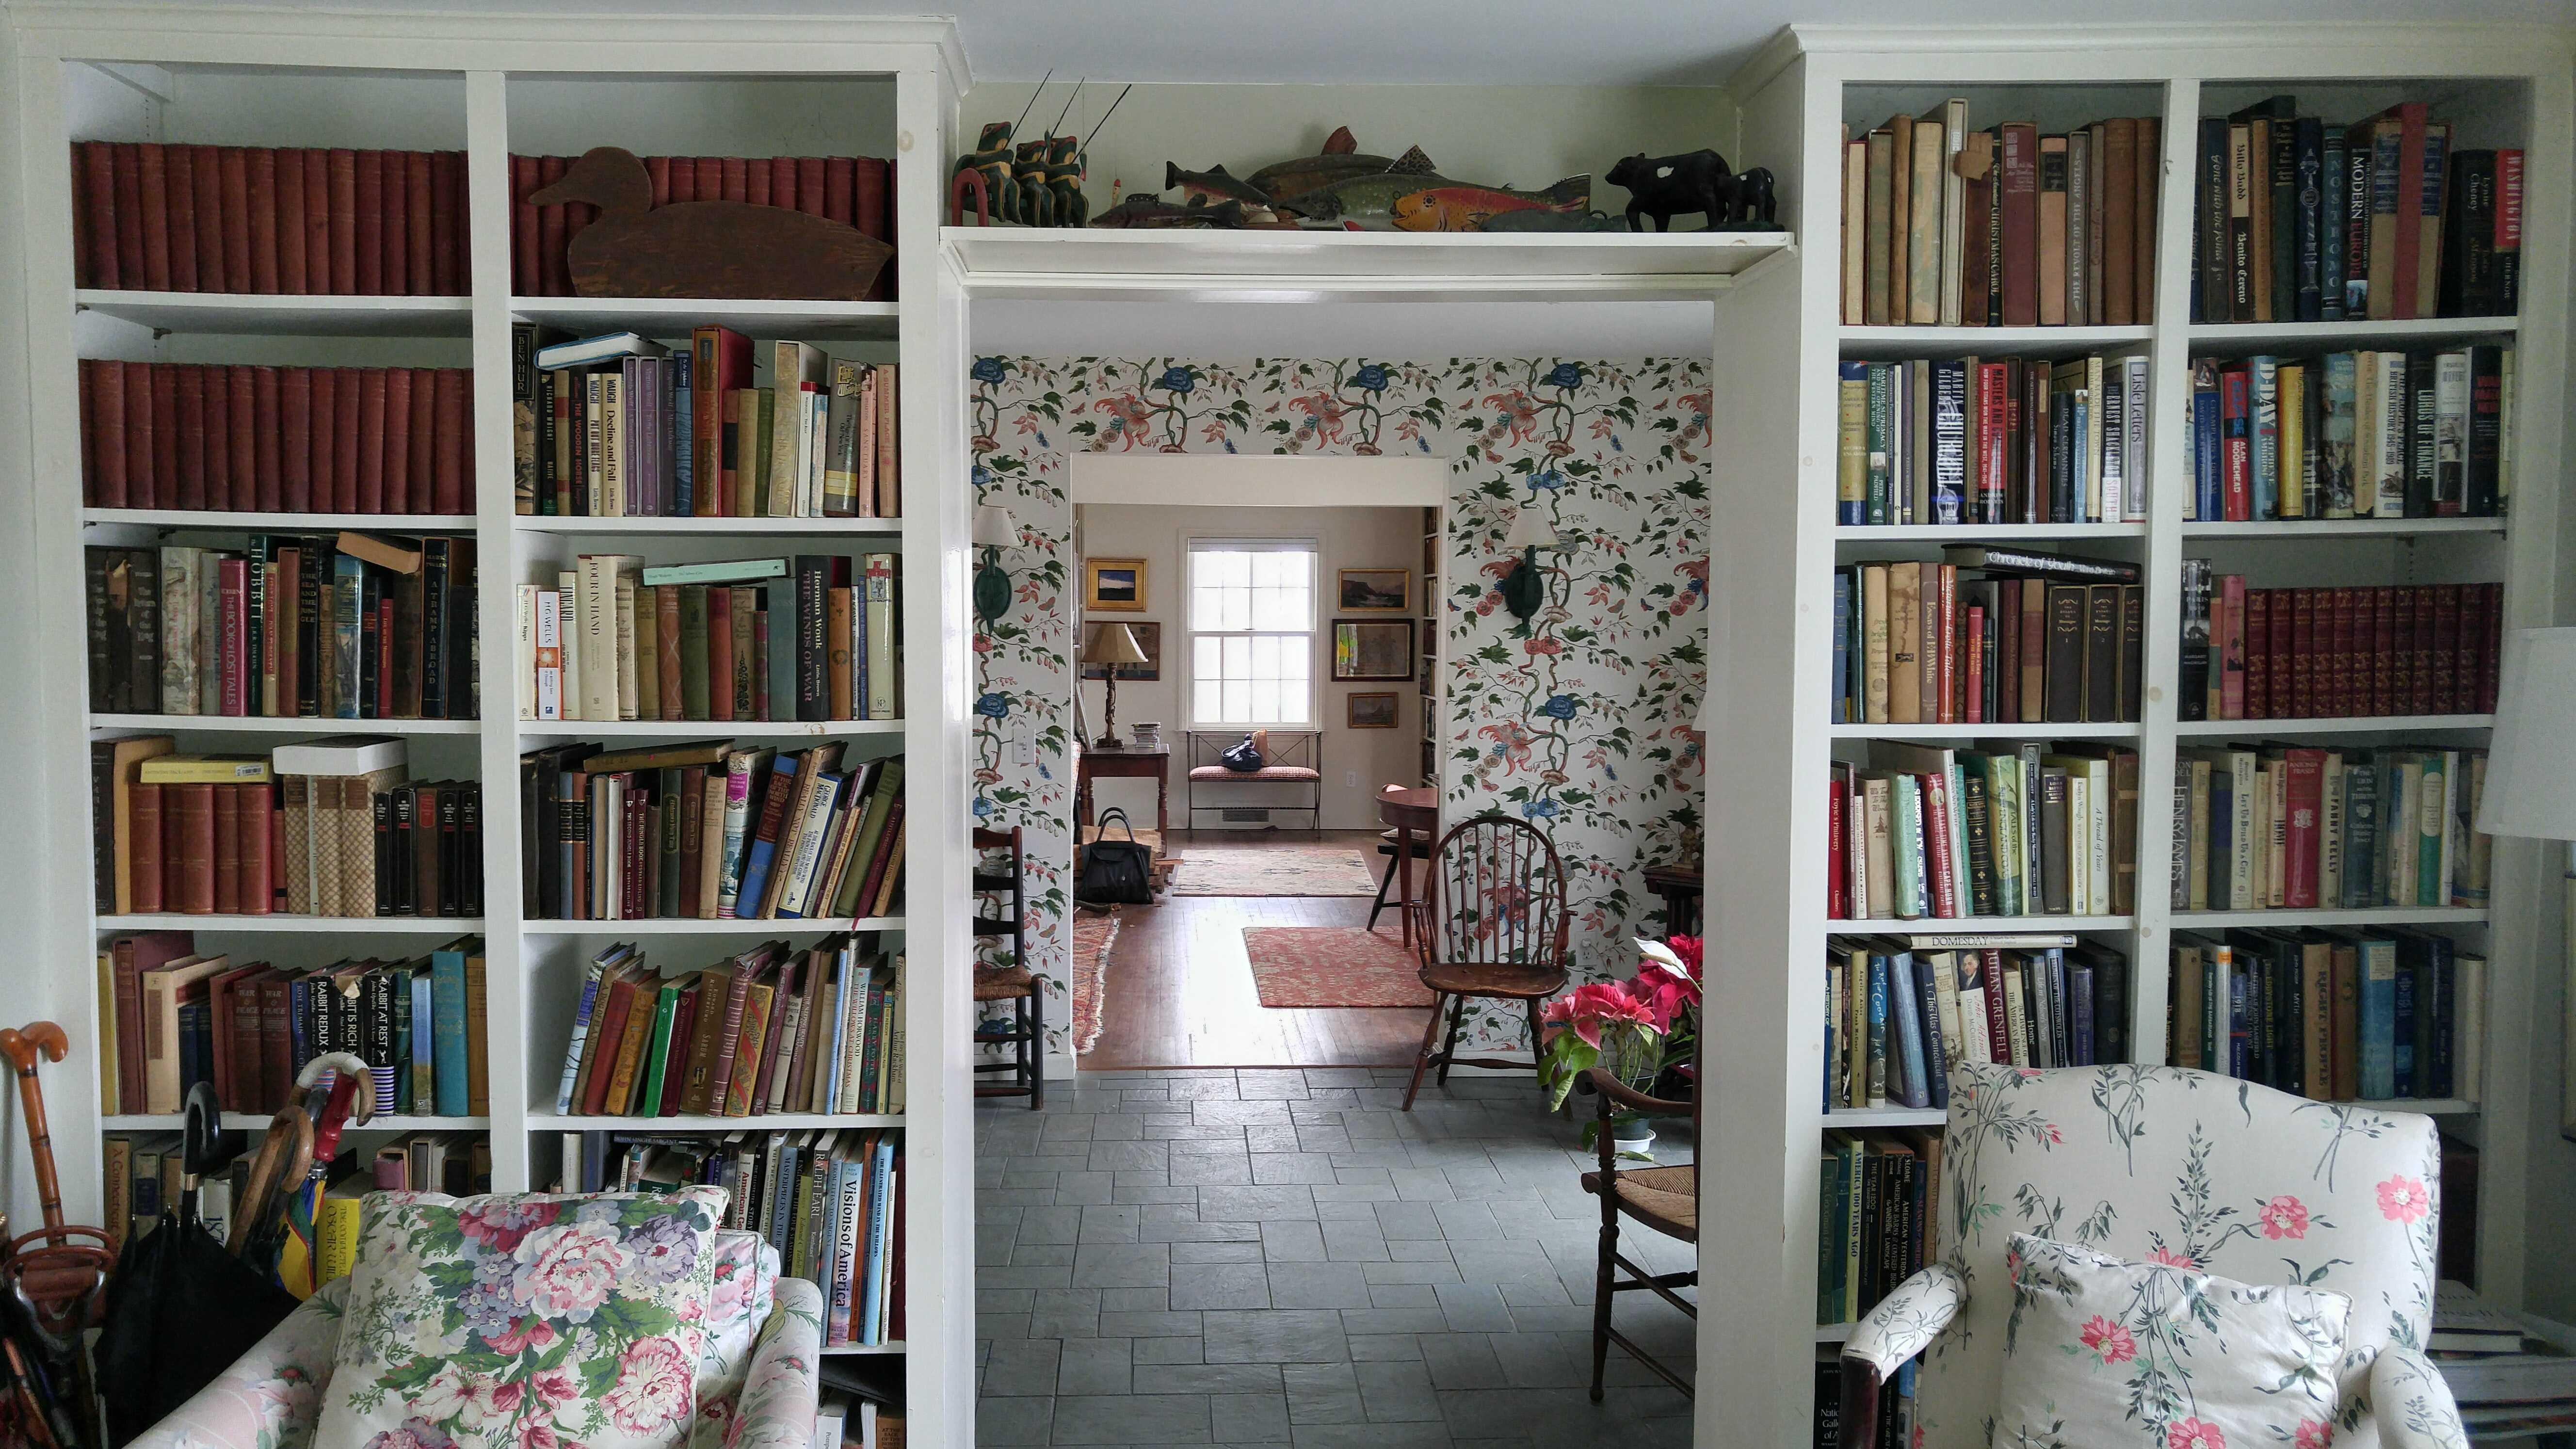 a book shelves